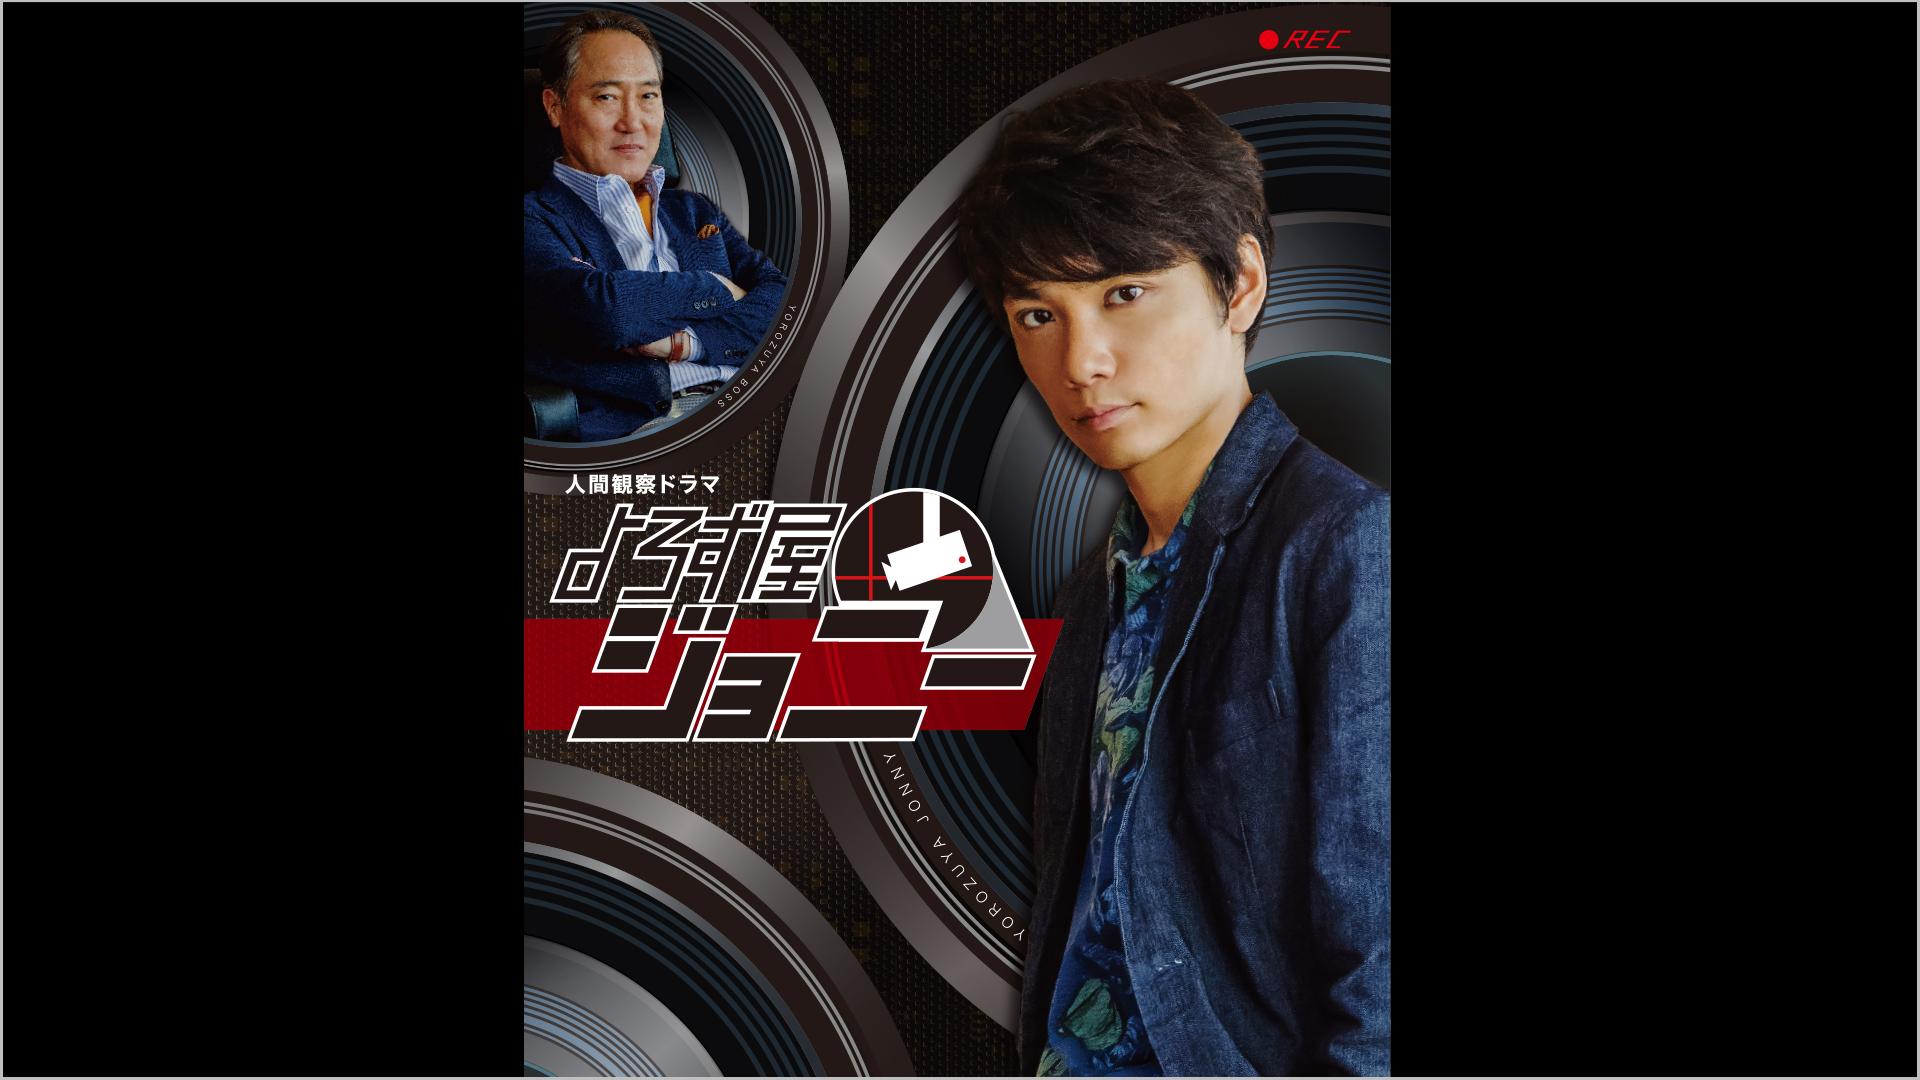 オリジナルドラマ「よろず屋ジョニー」 第2話「ジョニー、キャバクラを覗く」